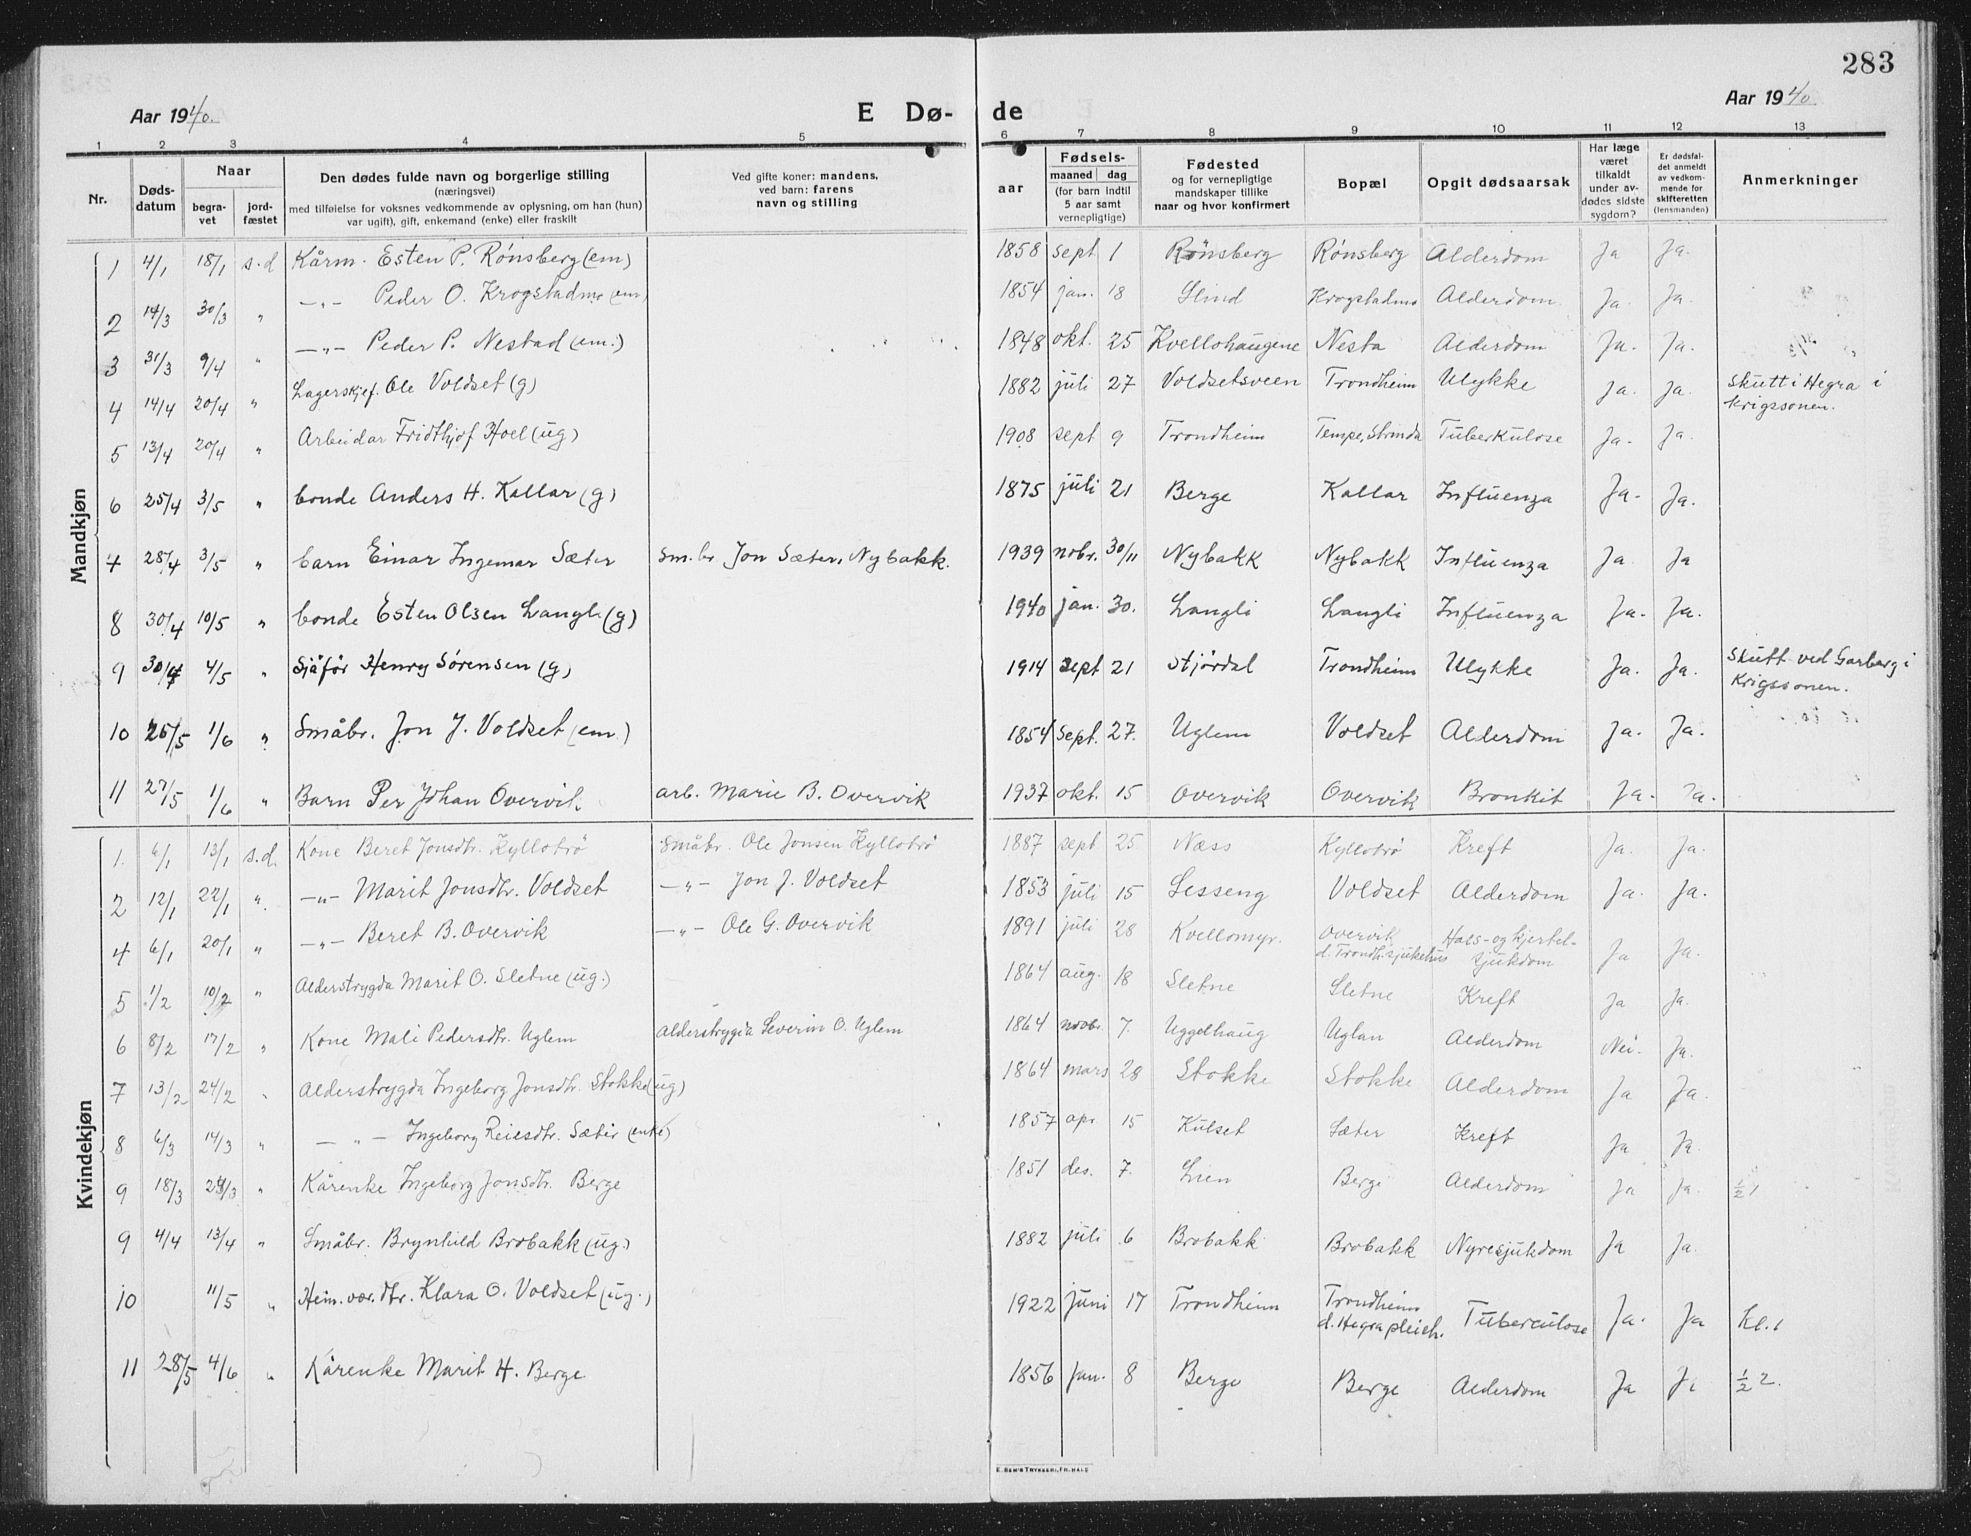 SAT, Ministerialprotokoller, klokkerbøker og fødselsregistre - Sør-Trøndelag, 695/L1158: Klokkerbok nr. 695C09, 1913-1940, s. 283